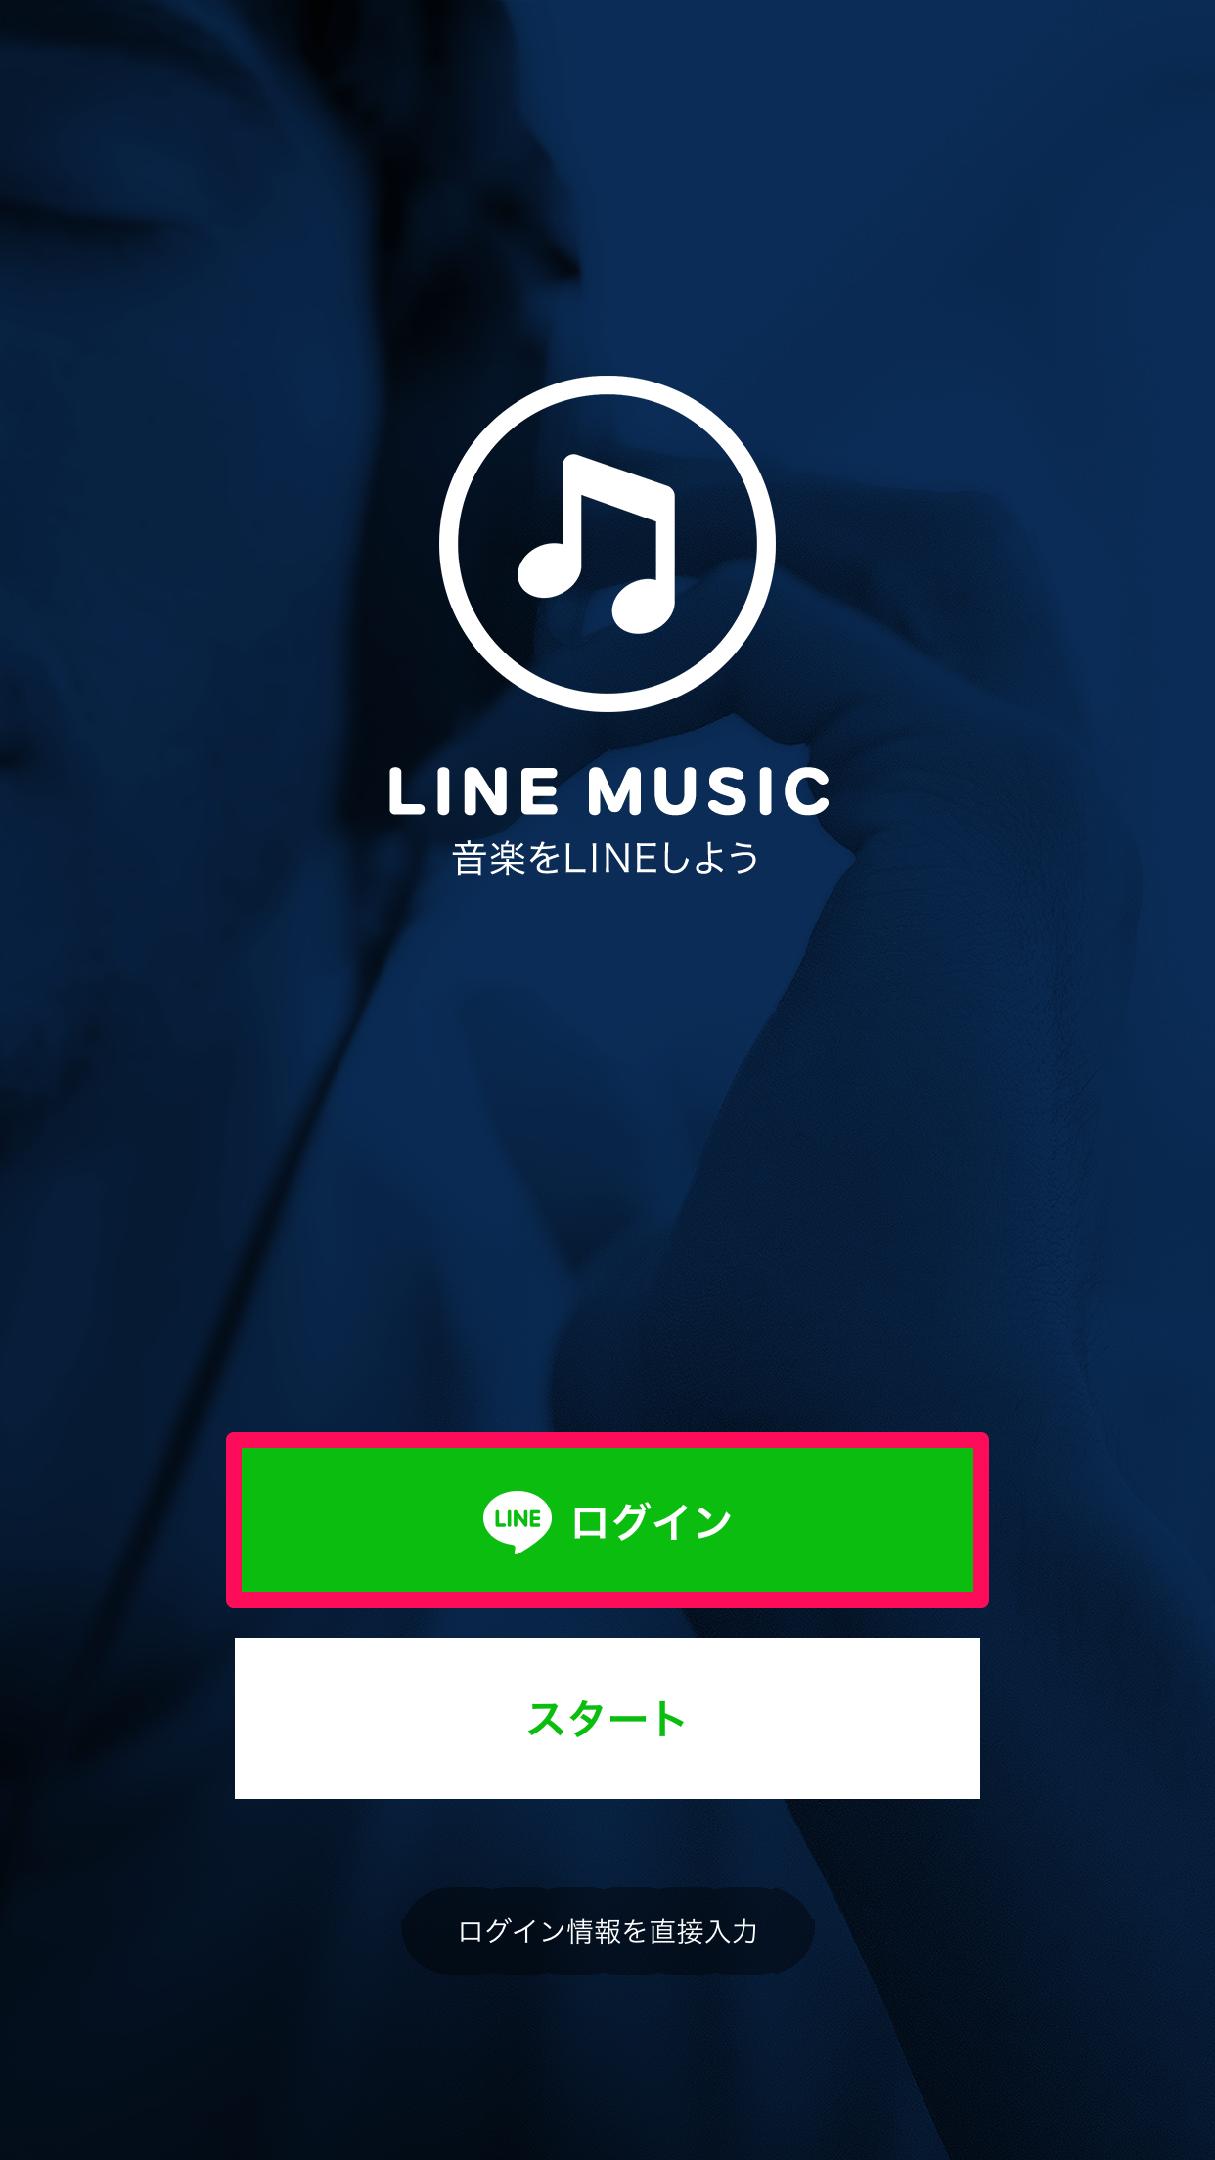 LINEのアカウントでログインする